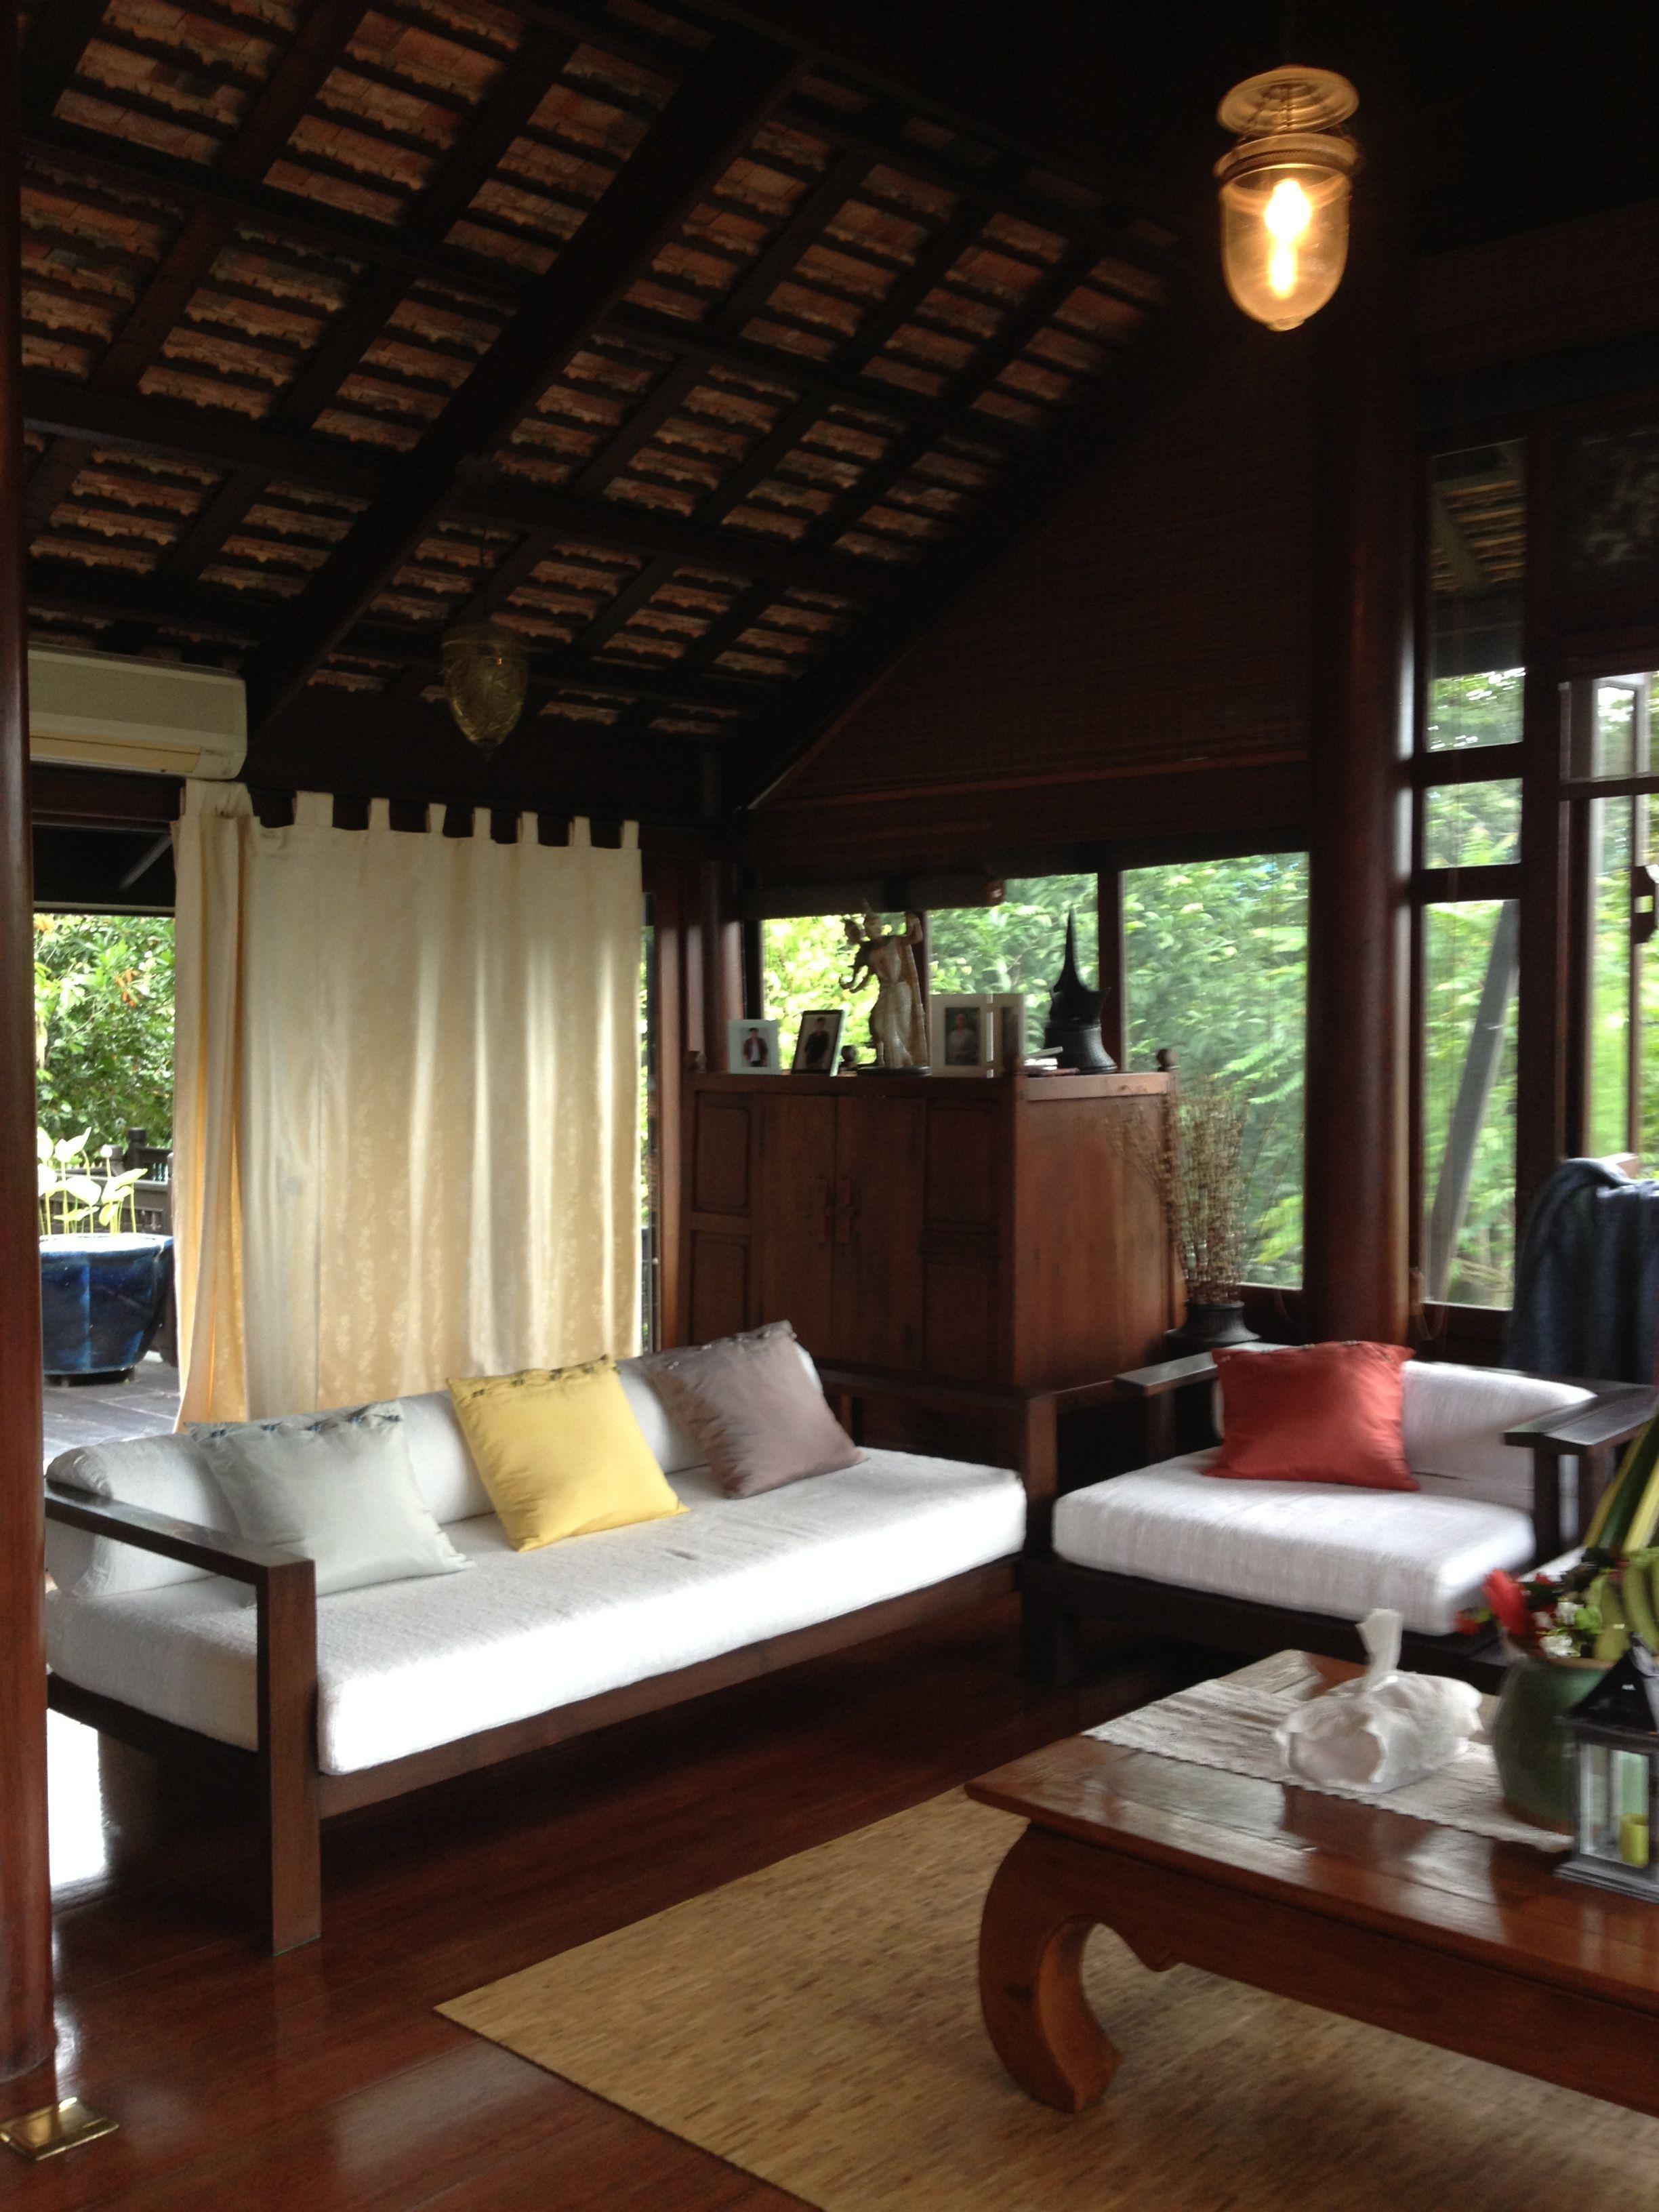 u203eu203e Thai style living room